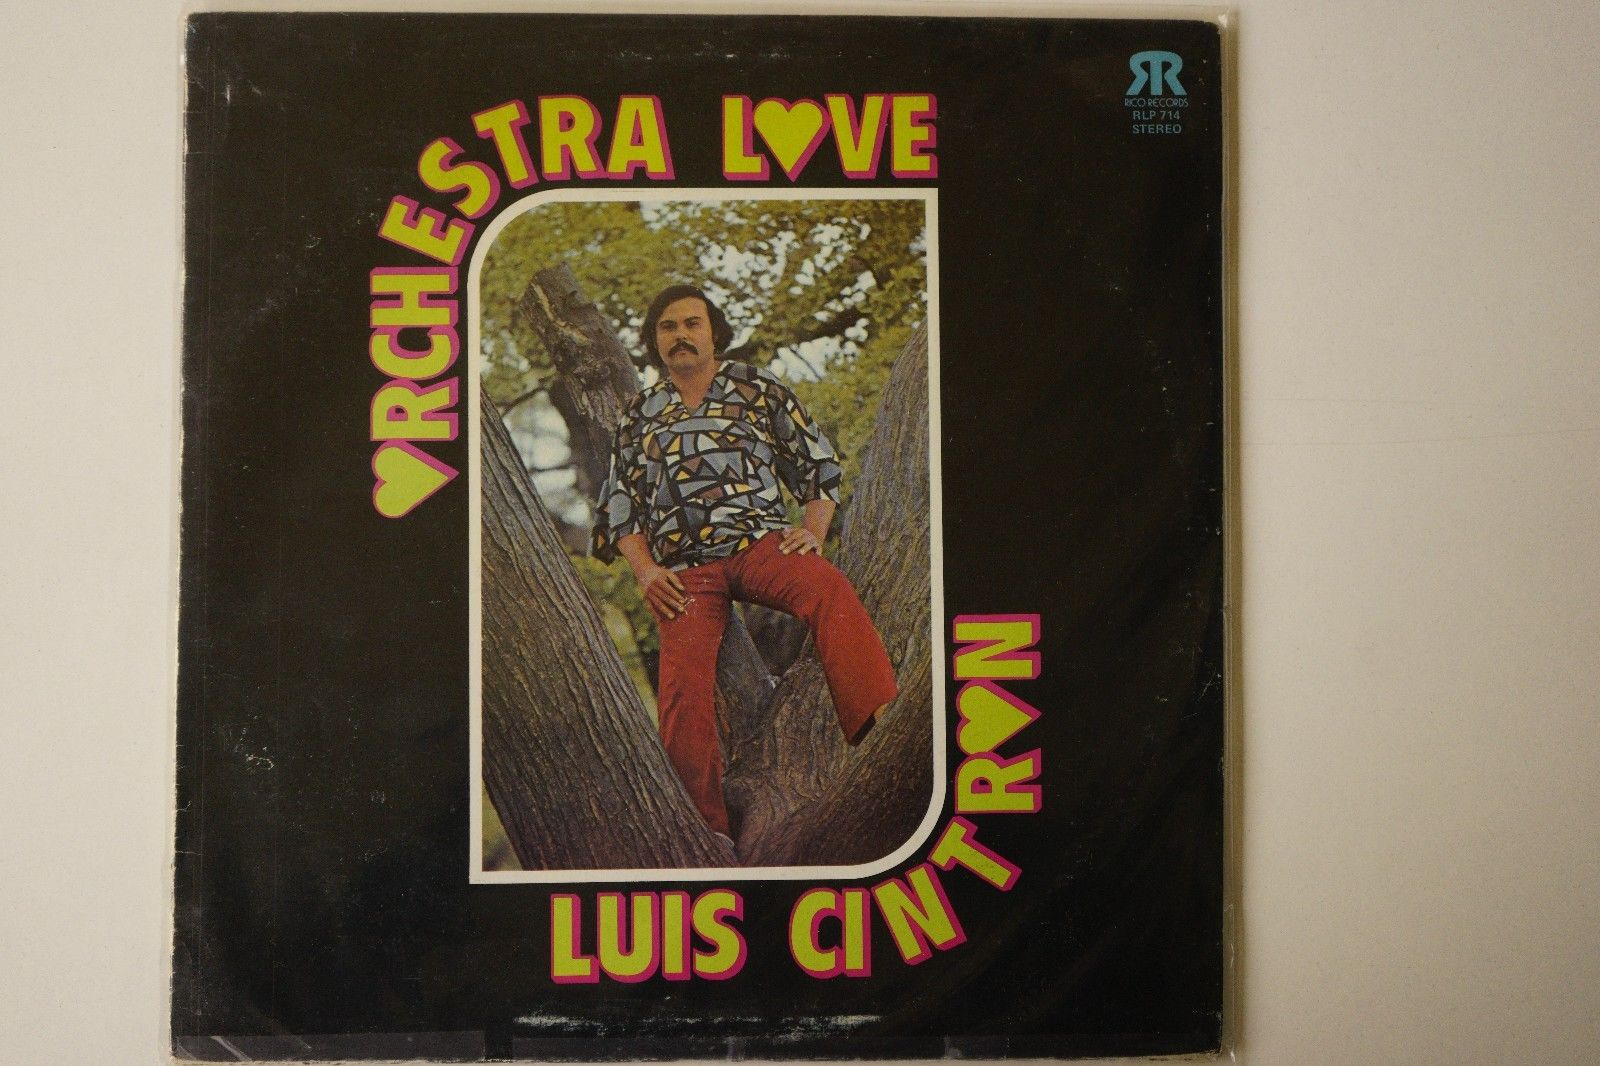 RARE SALSA - ORCHESTRA LOVE - RICO RECORD - ORIGINAL